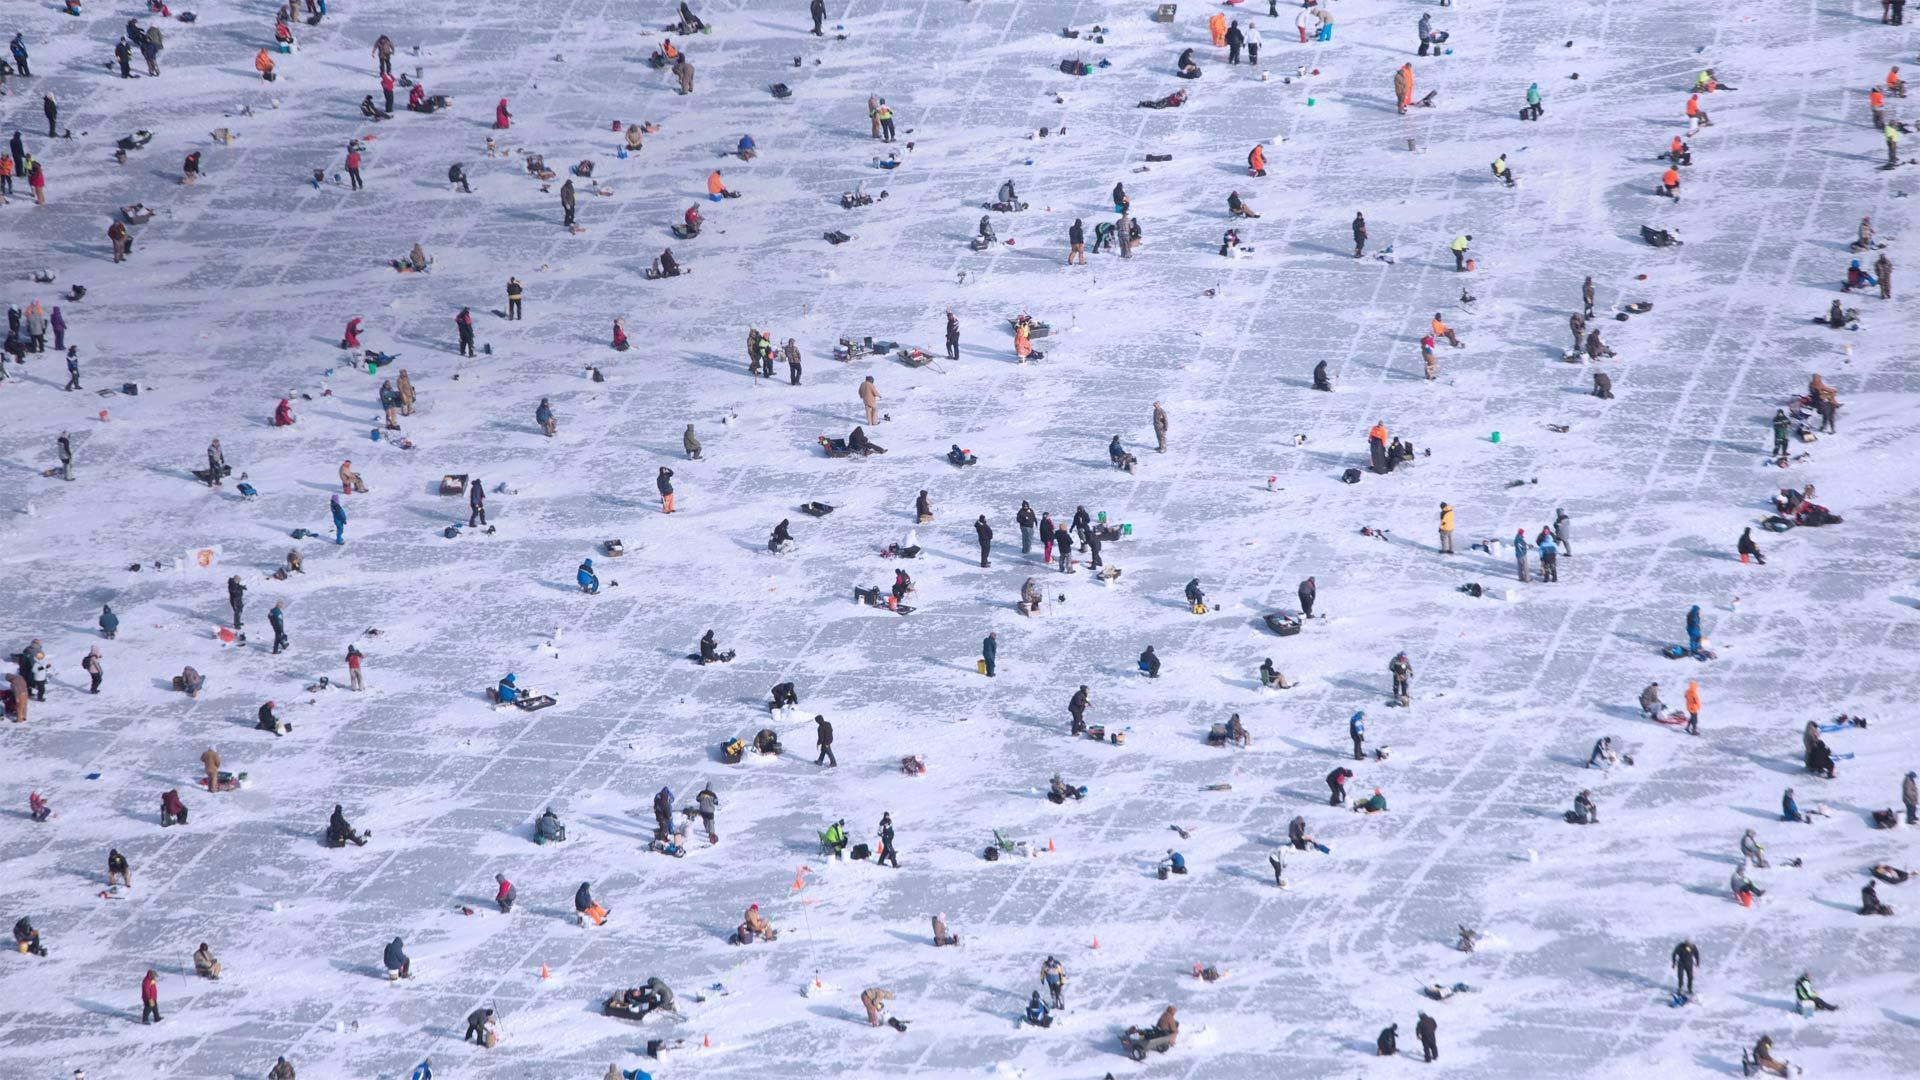 人们在布雷纳德的加尔湖上冰钓冰钓